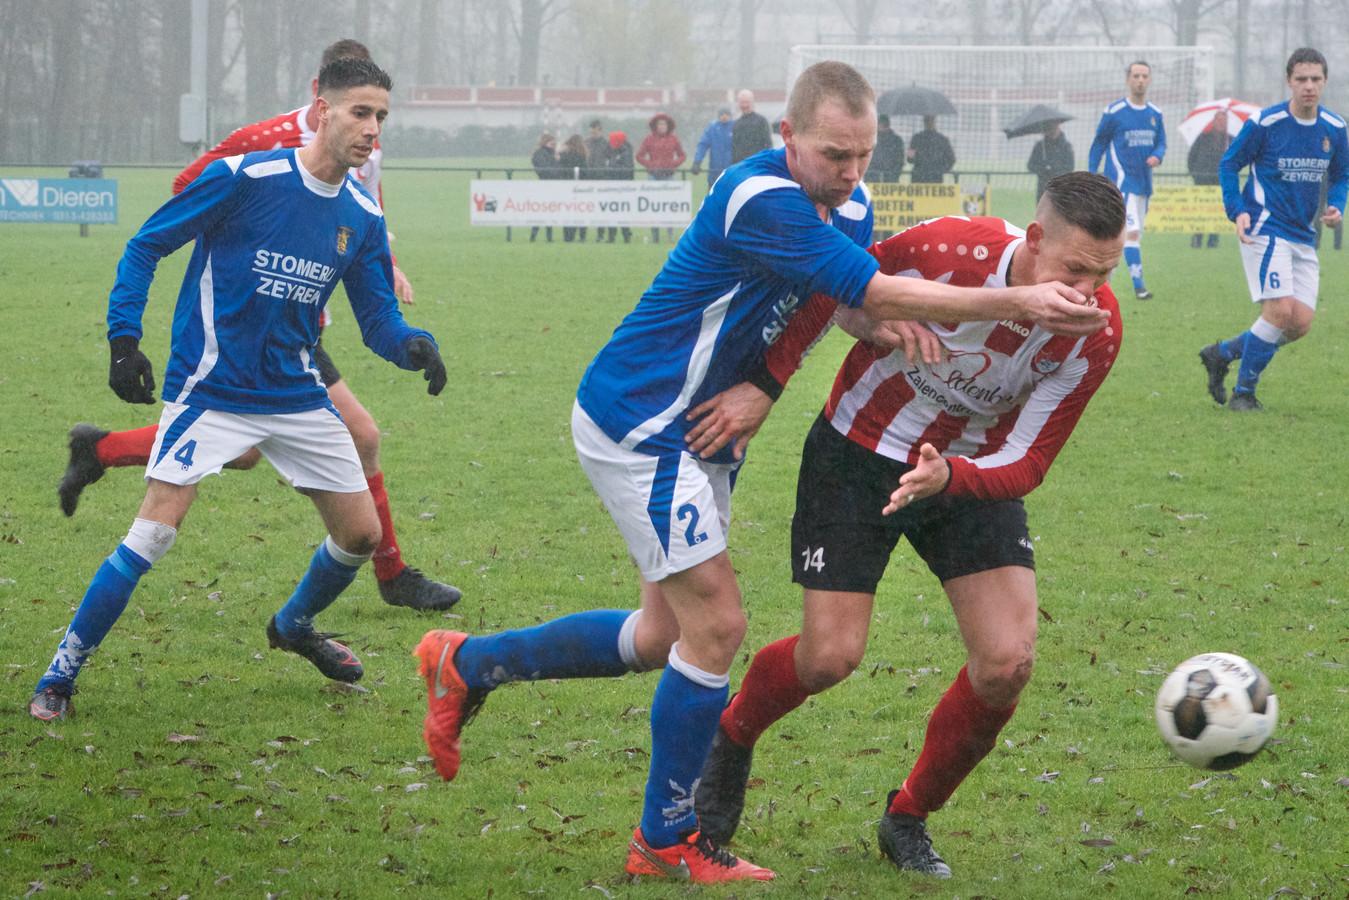 Eendracht  Arnhem - hier in een andere derby tegen Arnhemse Boys - versloeg woensdagavond De Paasberg en staat in de halve finale van de Arnhem Cup.